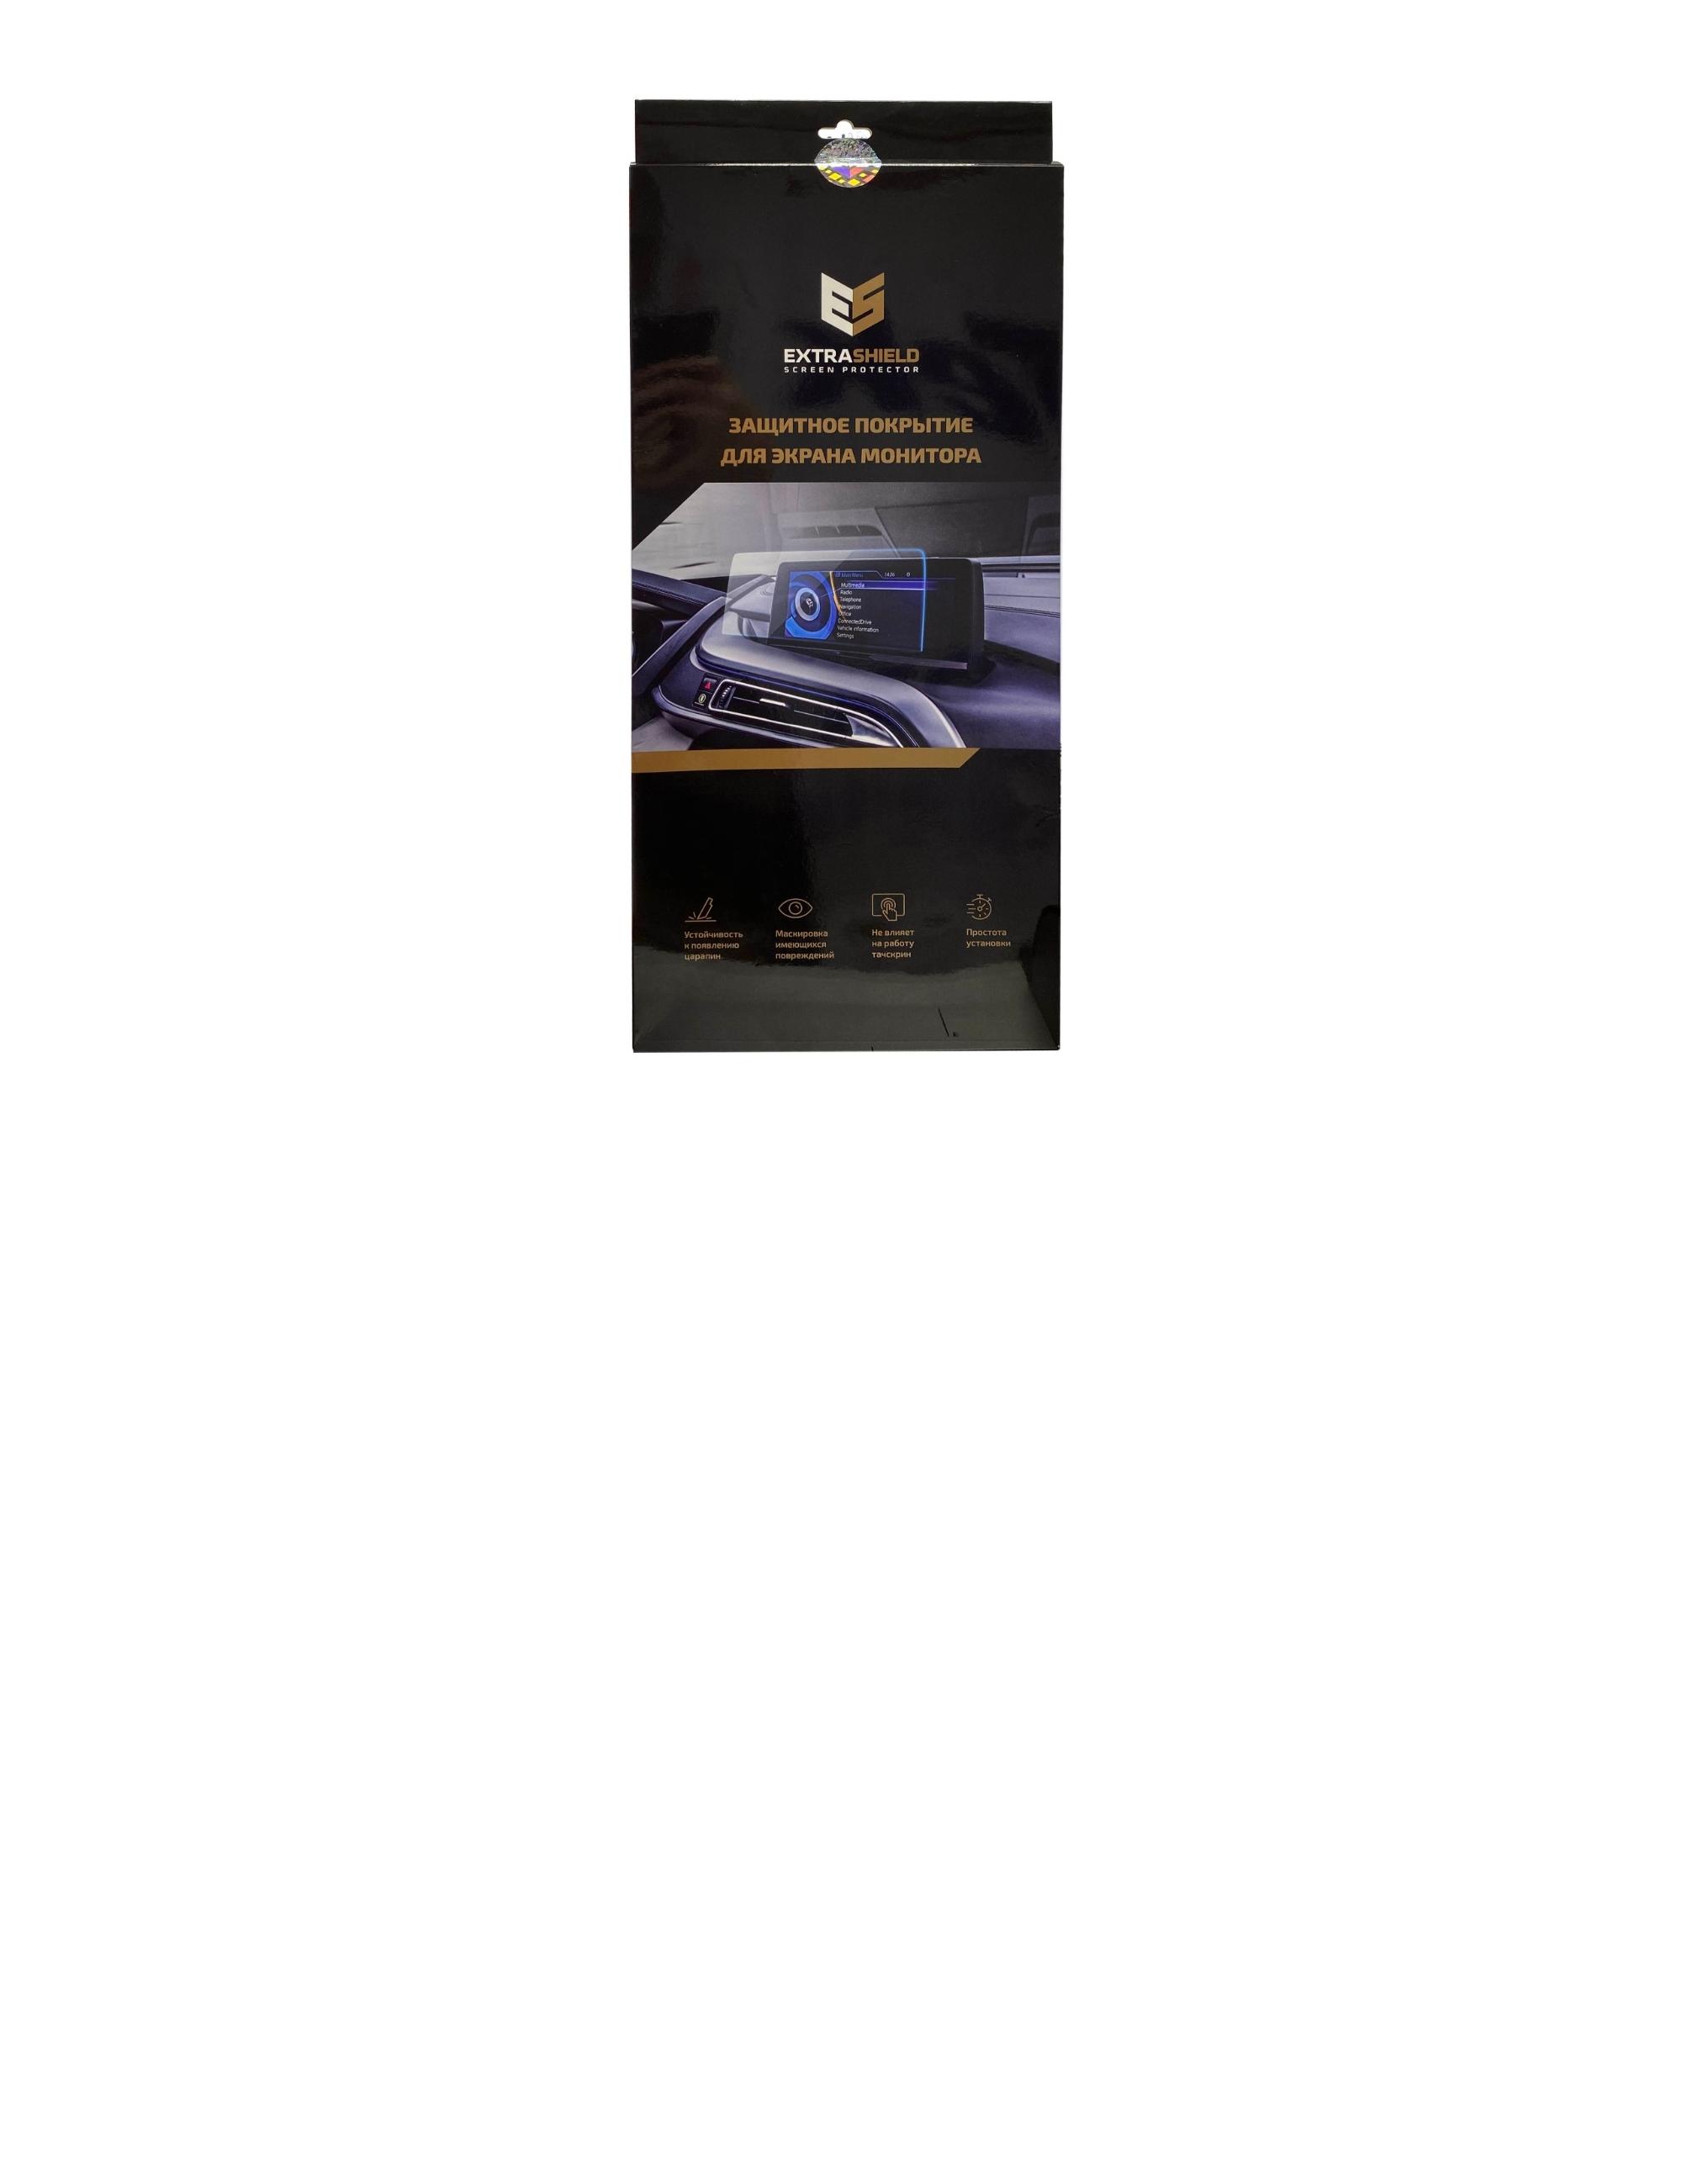 Audi Q5 II (FY) рестайлинг 2019 - н.в. мультимедиа MMI 8,3 Статическая пленка Глянец